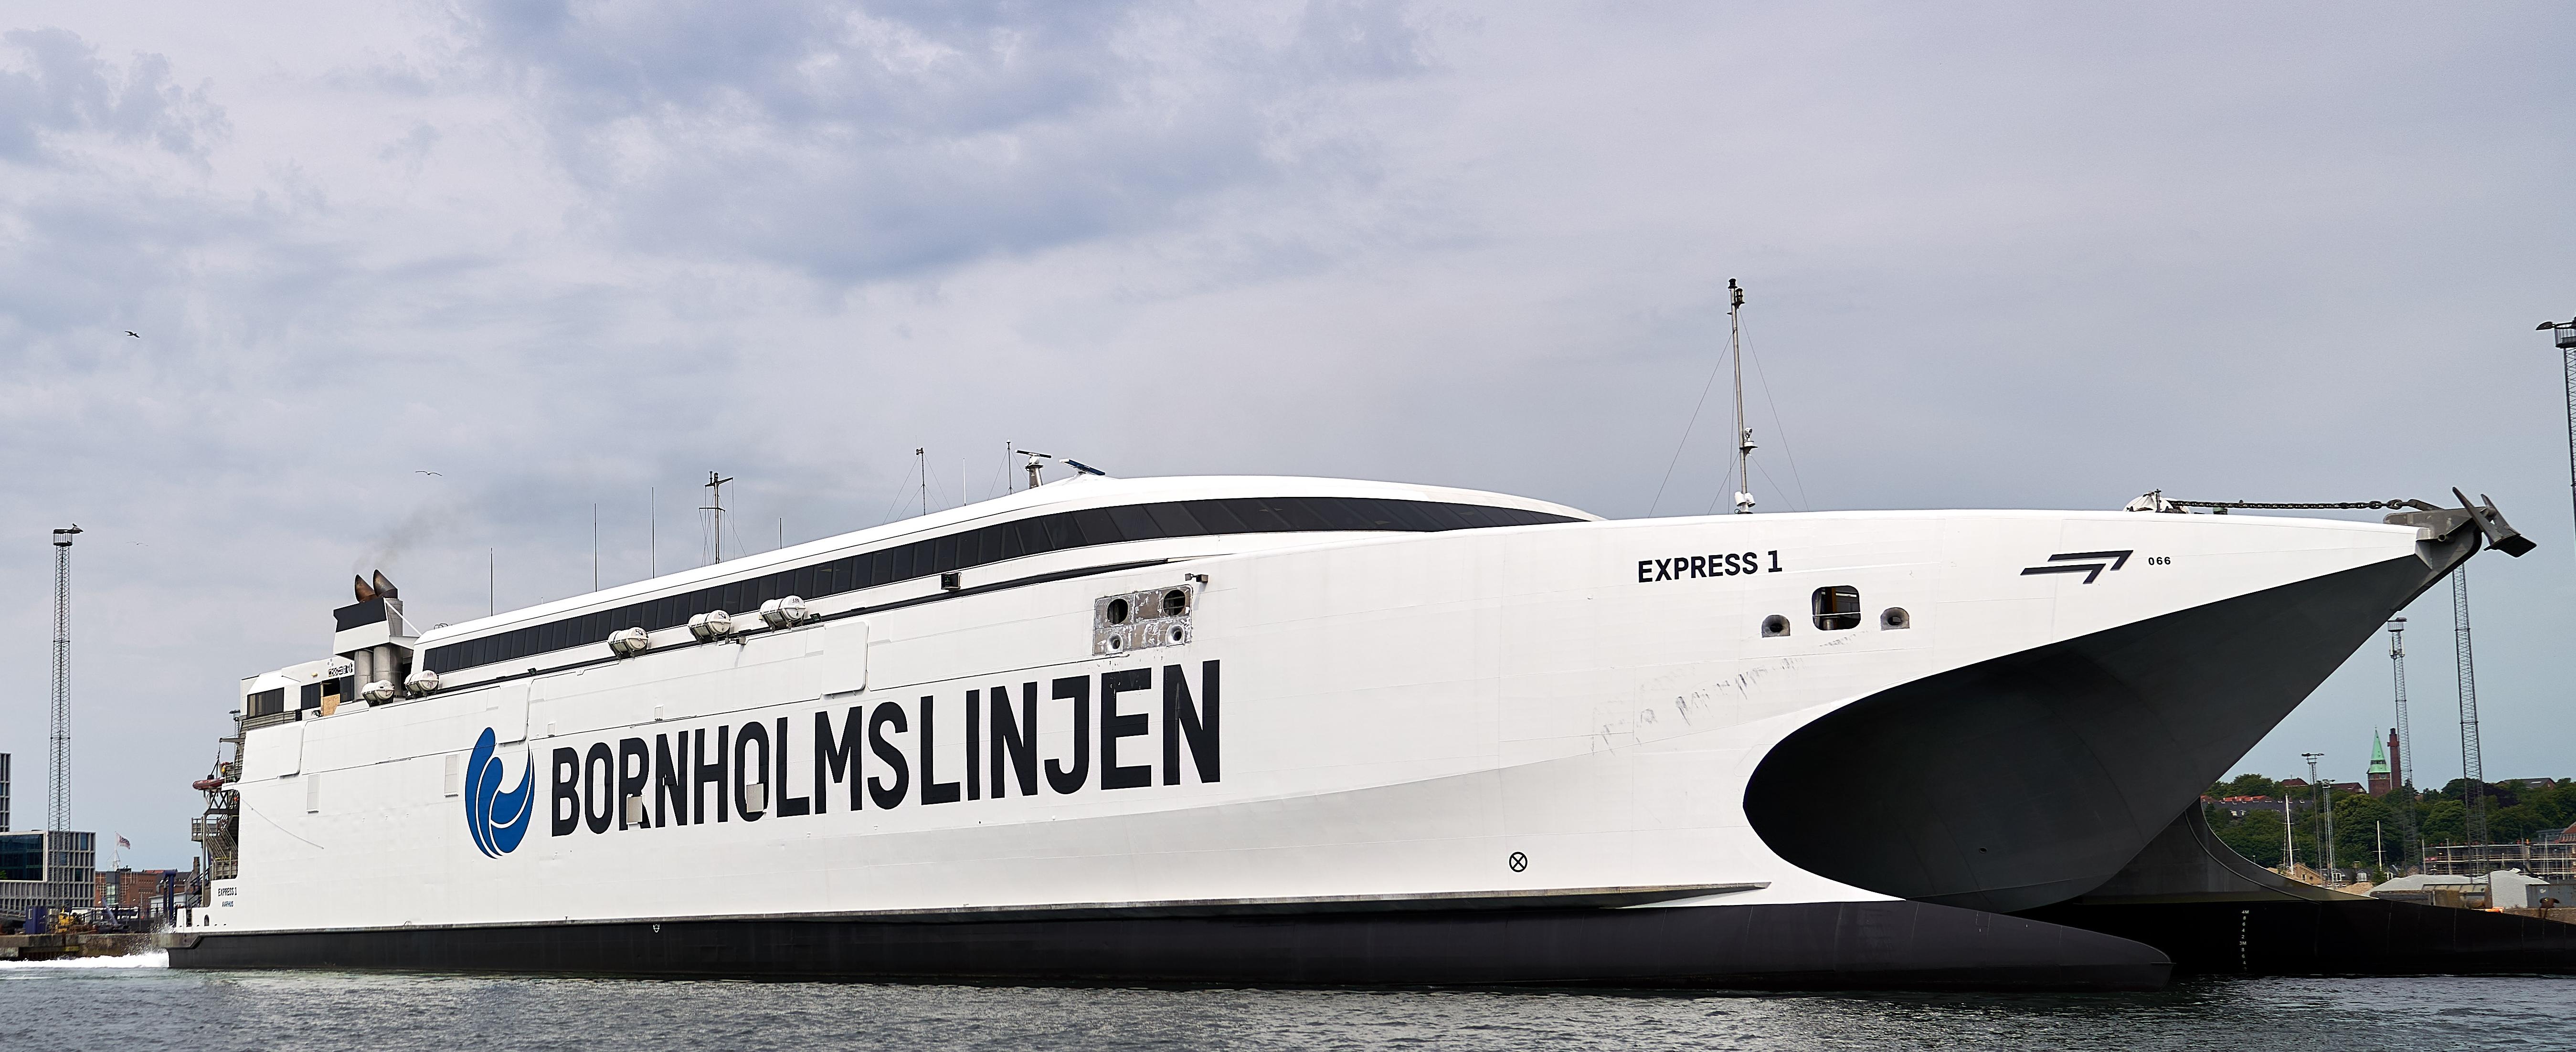 Express 1 i sin nye bemaling – katamaranen sejler fra 1. september fire gange om dagen mellem Ystad og Bornholm. Foto: Molslinjen.